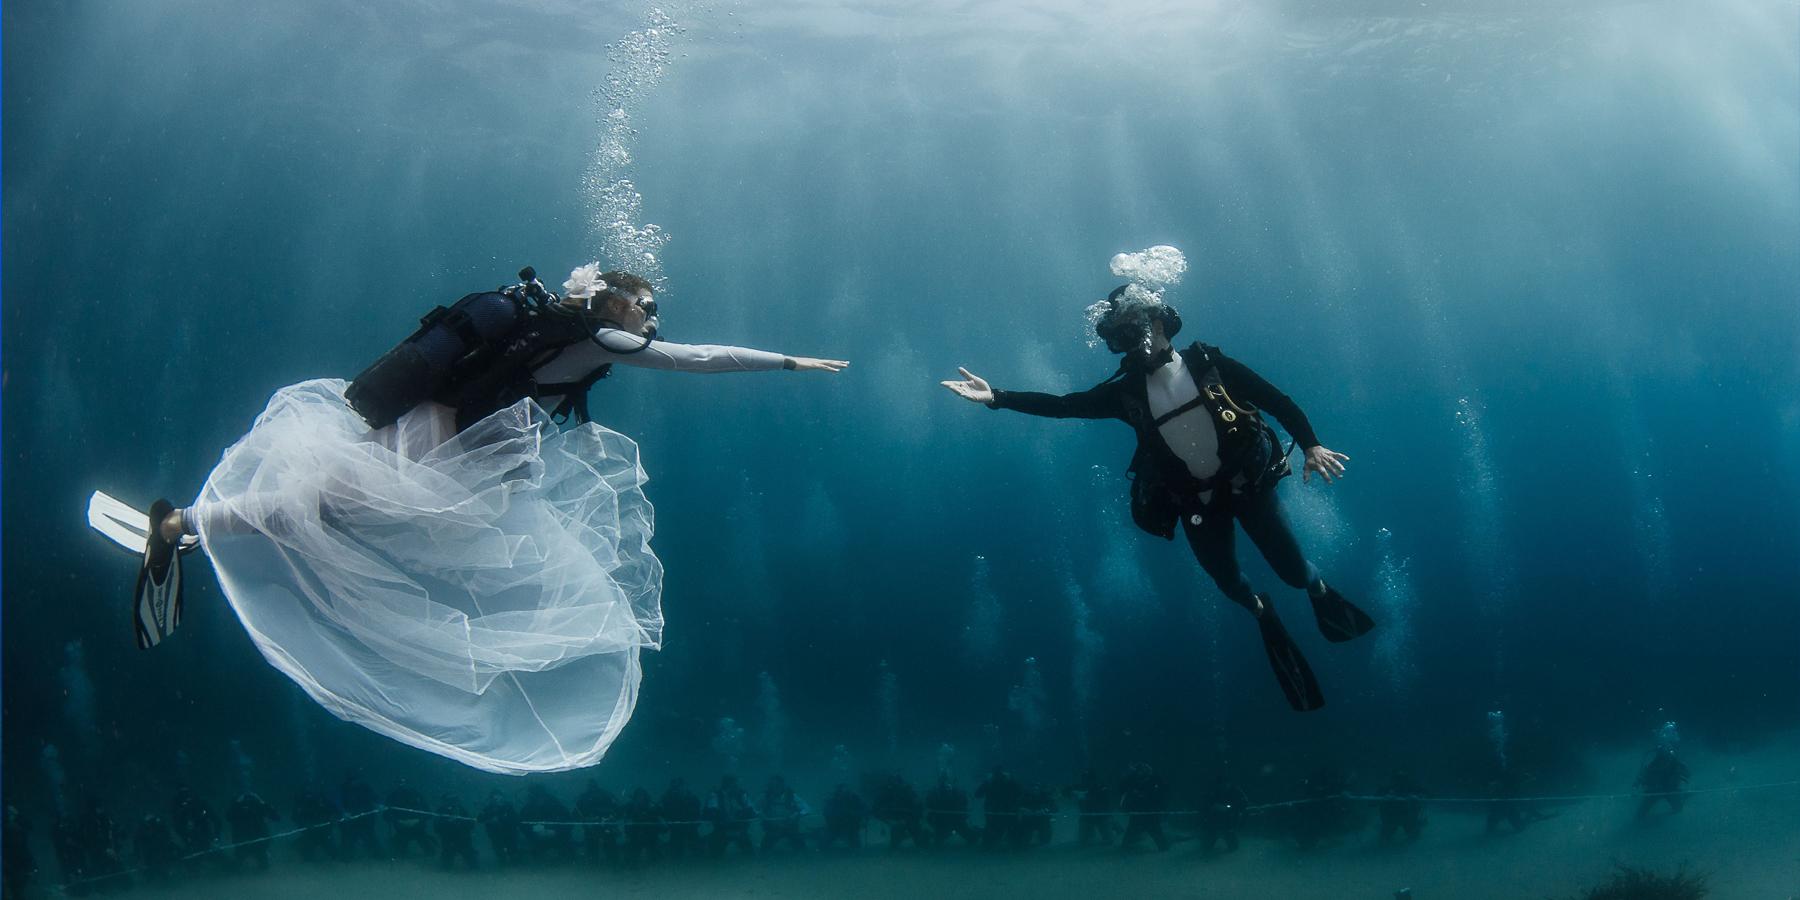 mariages sous marins - Mariage subaquatique, vivez le plus beau jour de votre vie sous l'eau !